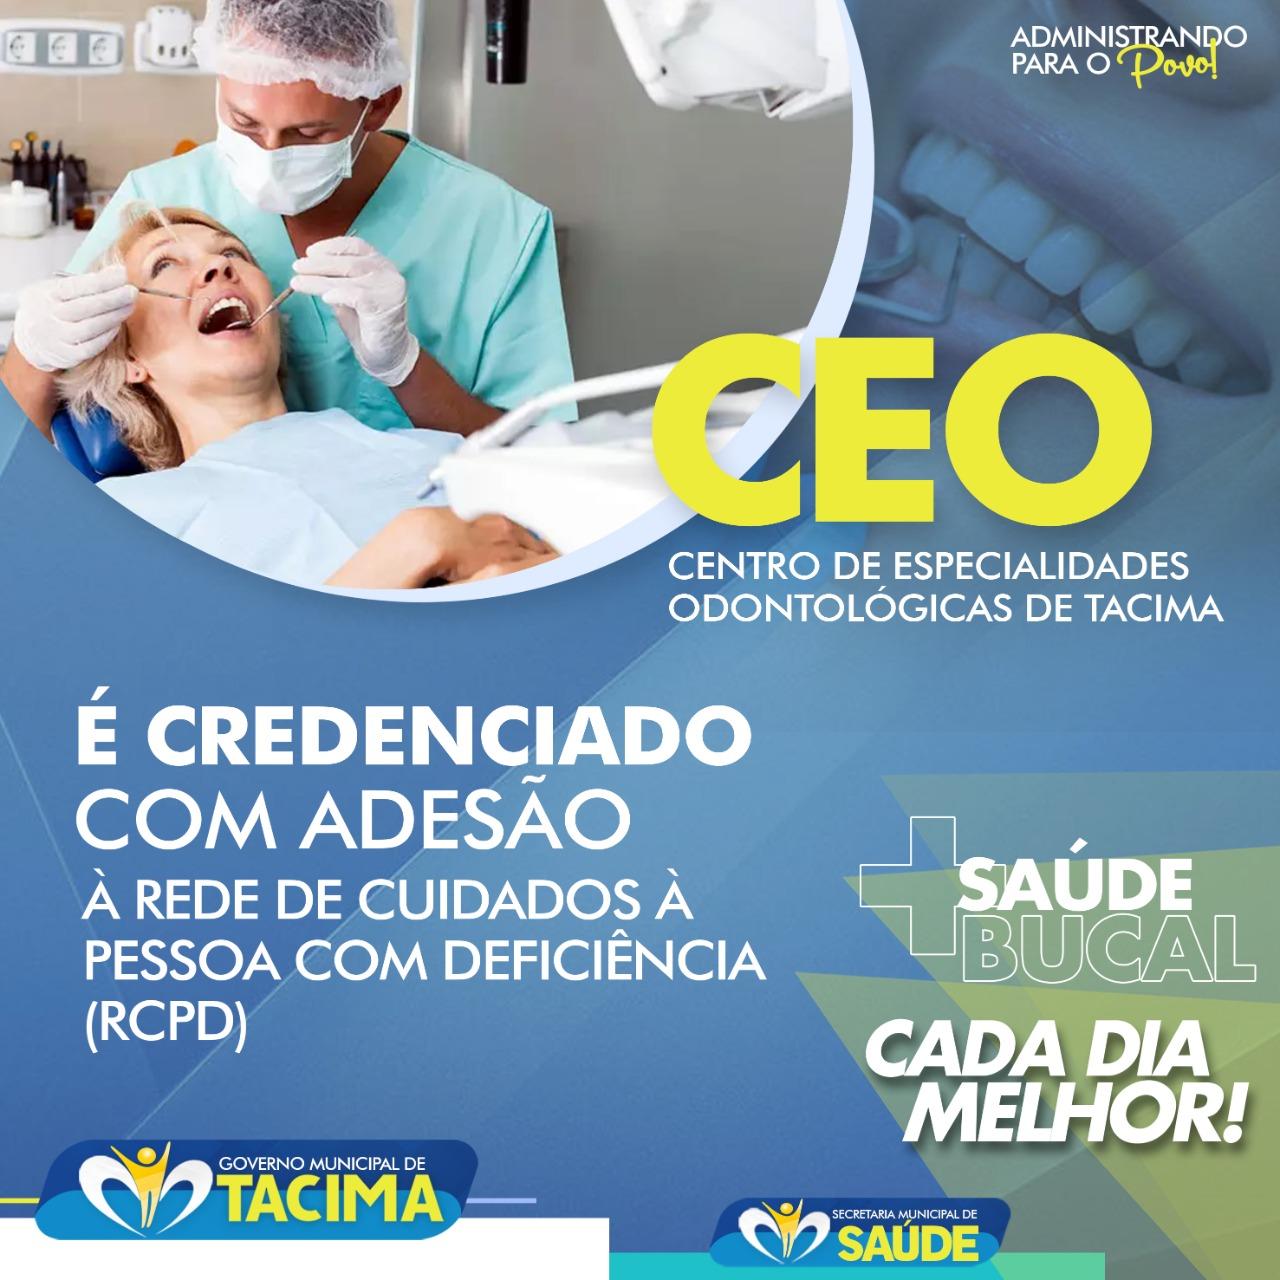 Em Tacima-PB: Centro de Especialidades Odontológicas (CEO) ganha acesso à Rede de Cuidados à Pessoa com Deficiência (RCPD. Saiba mais!